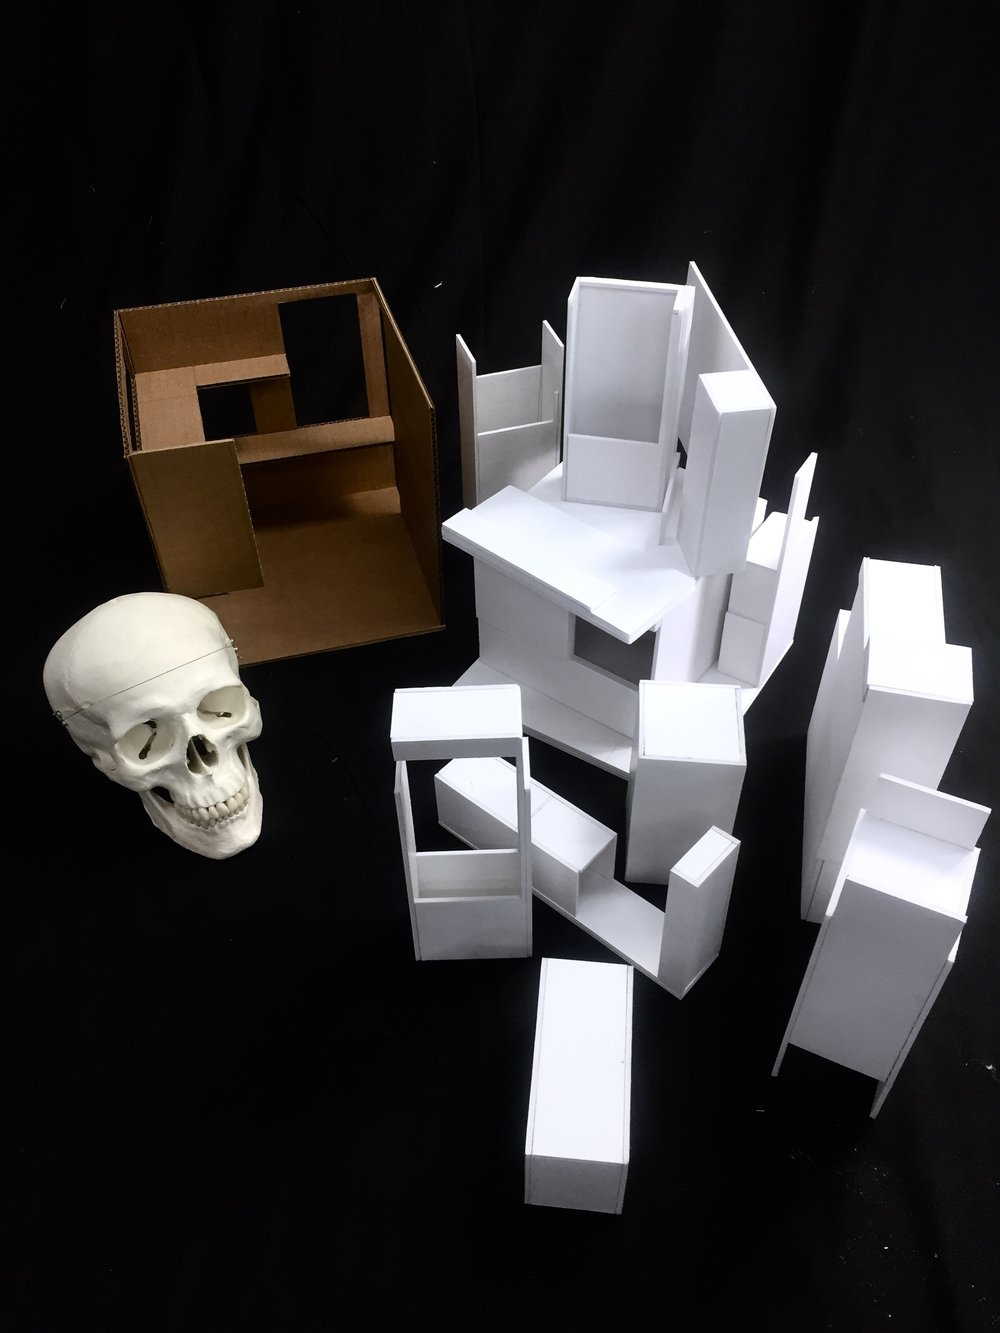 建筑设计 | Architectural Design